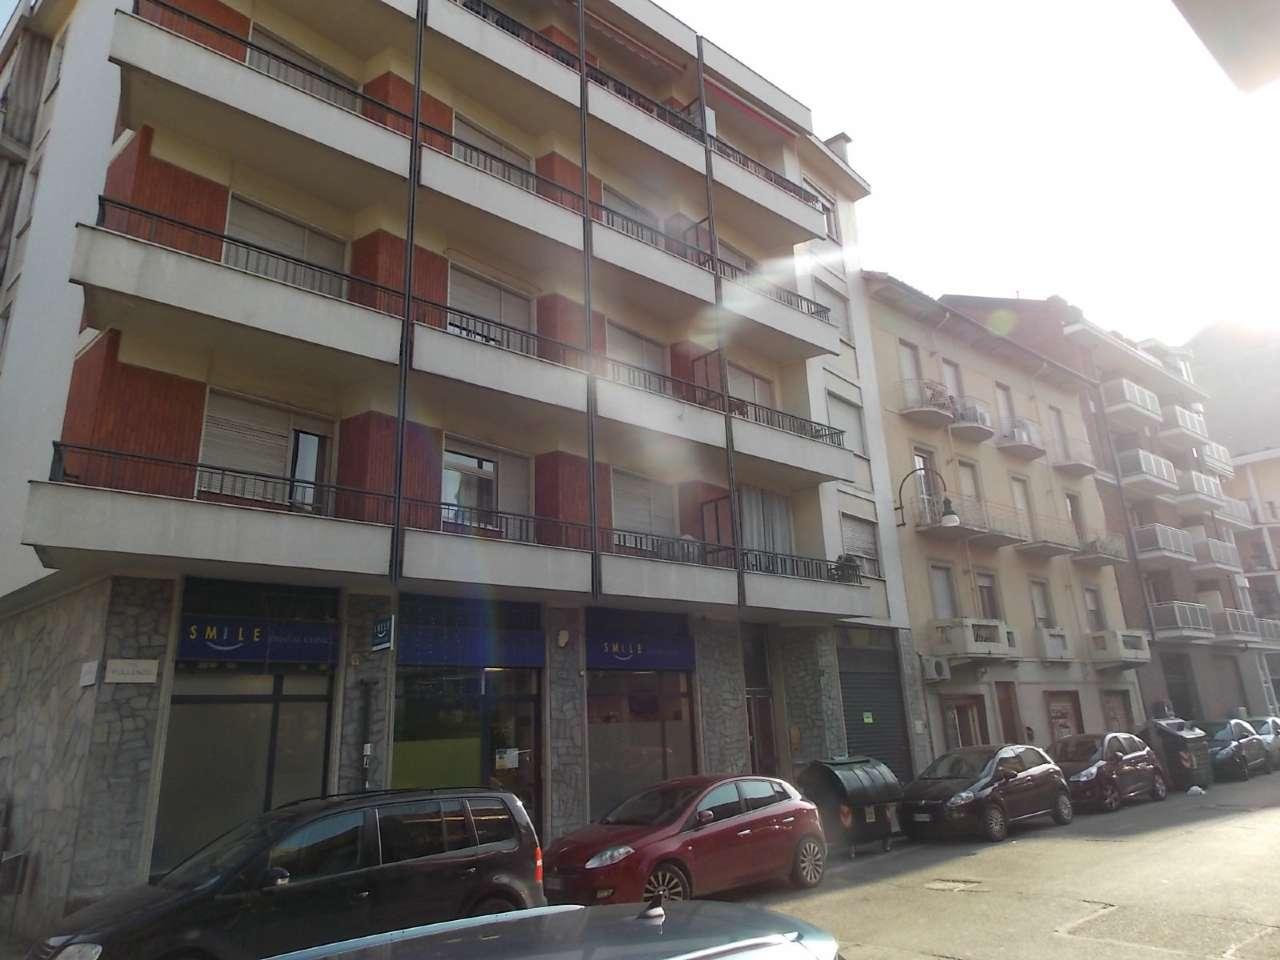 Negozio in vendita Zona Cenisia, San Paolo - via Pollenzo 23 Torino